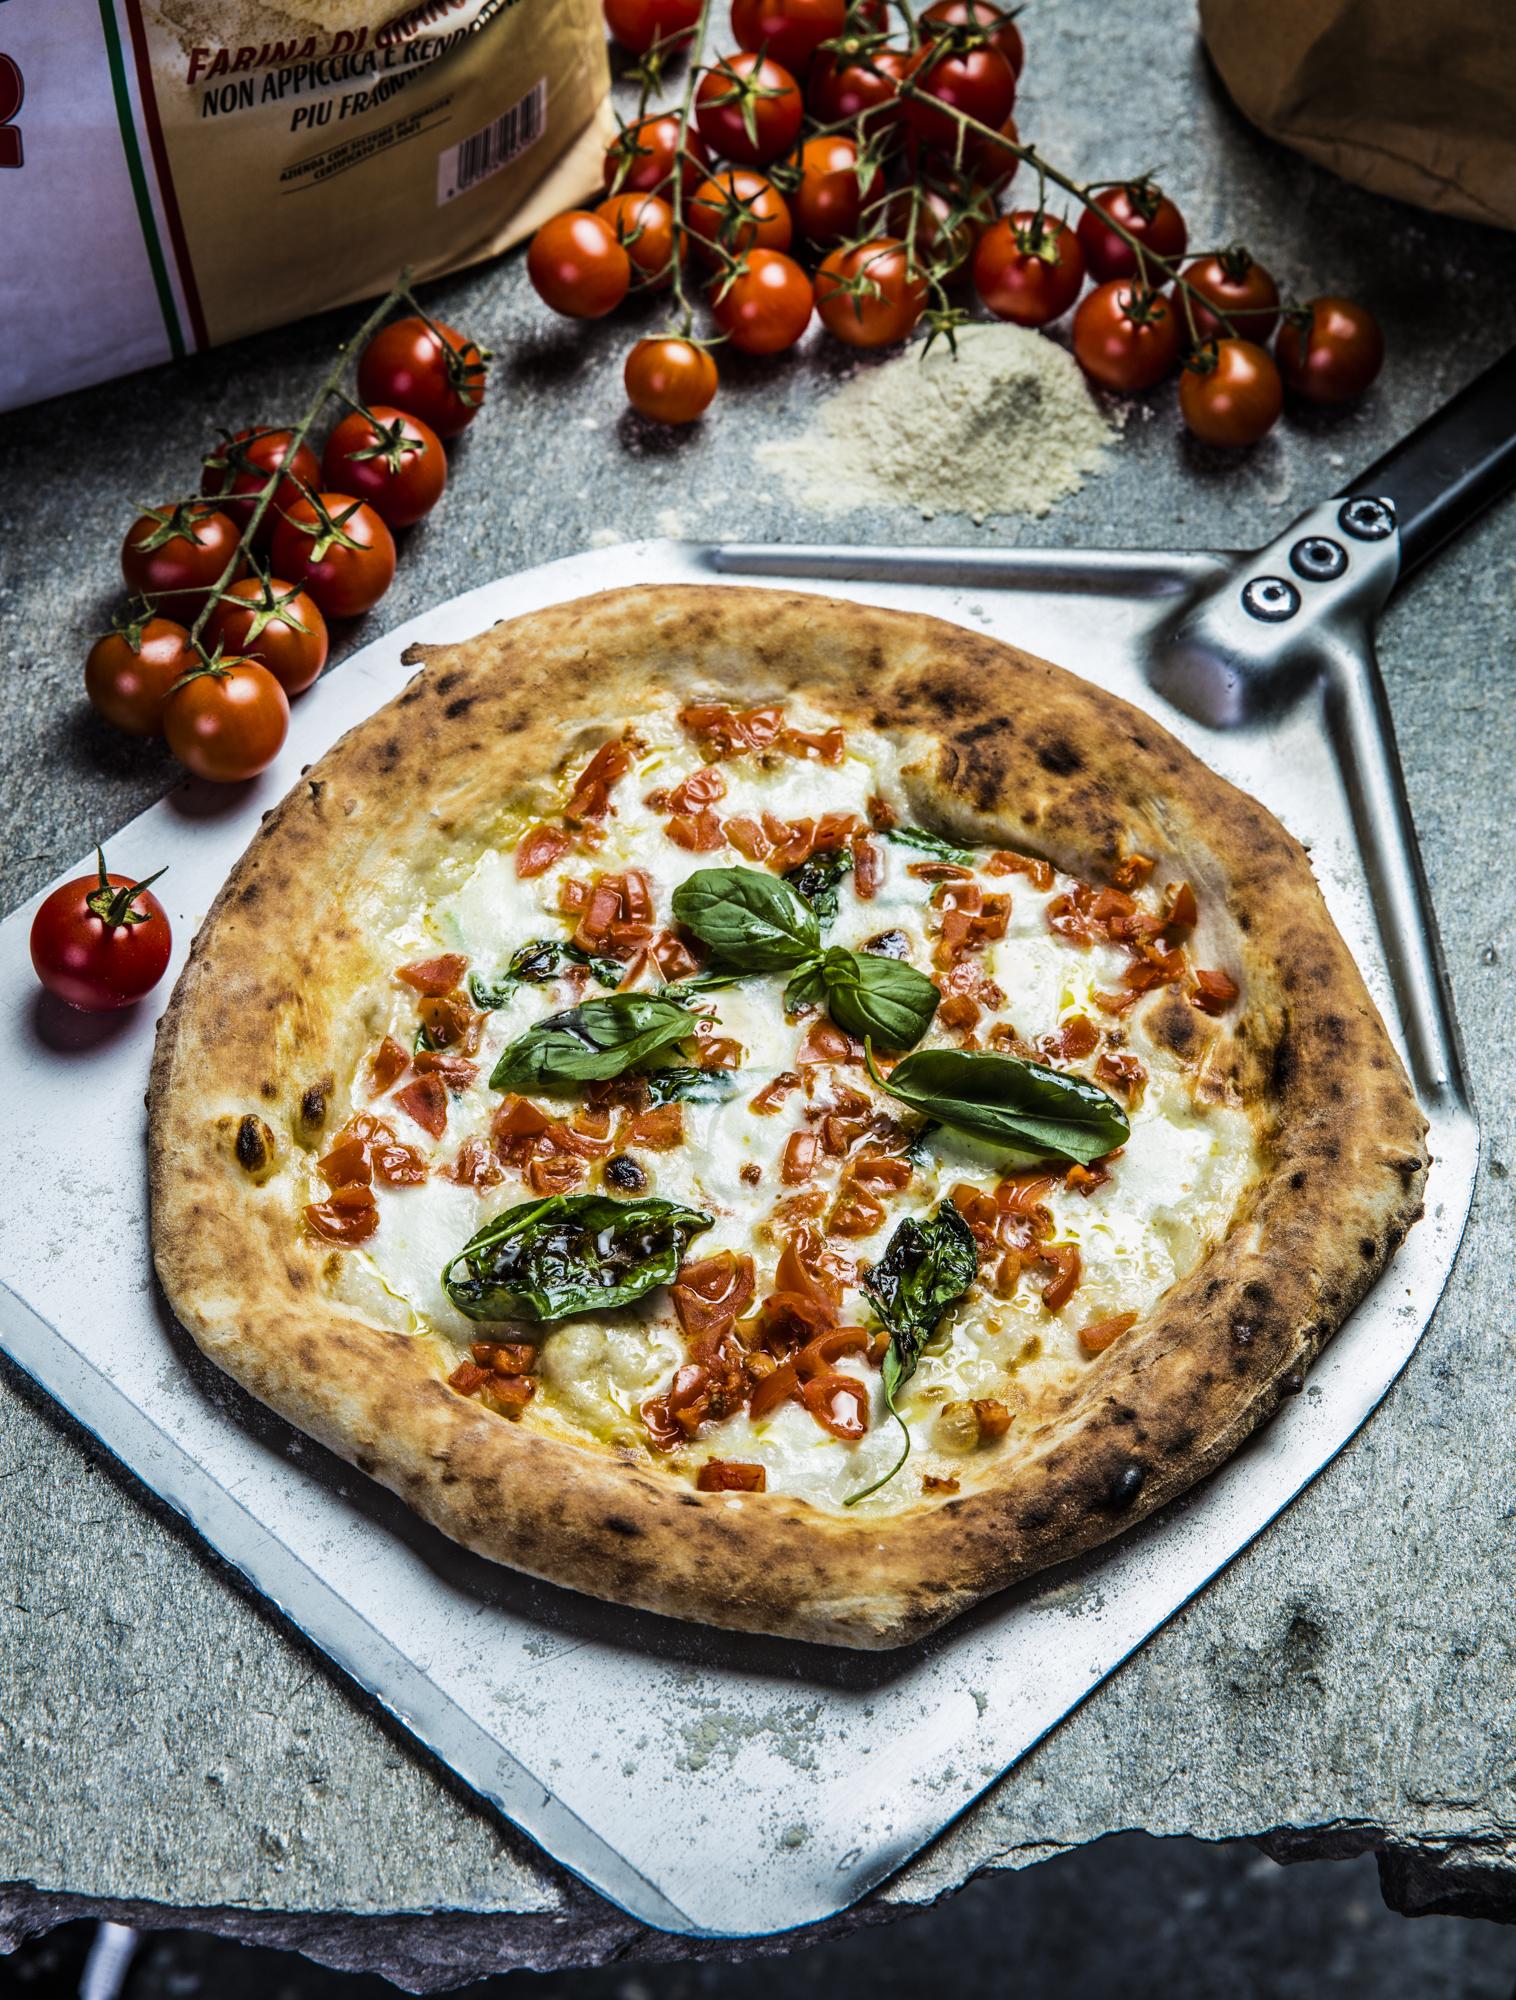 paleet-pizza-sommer-7381.jpg